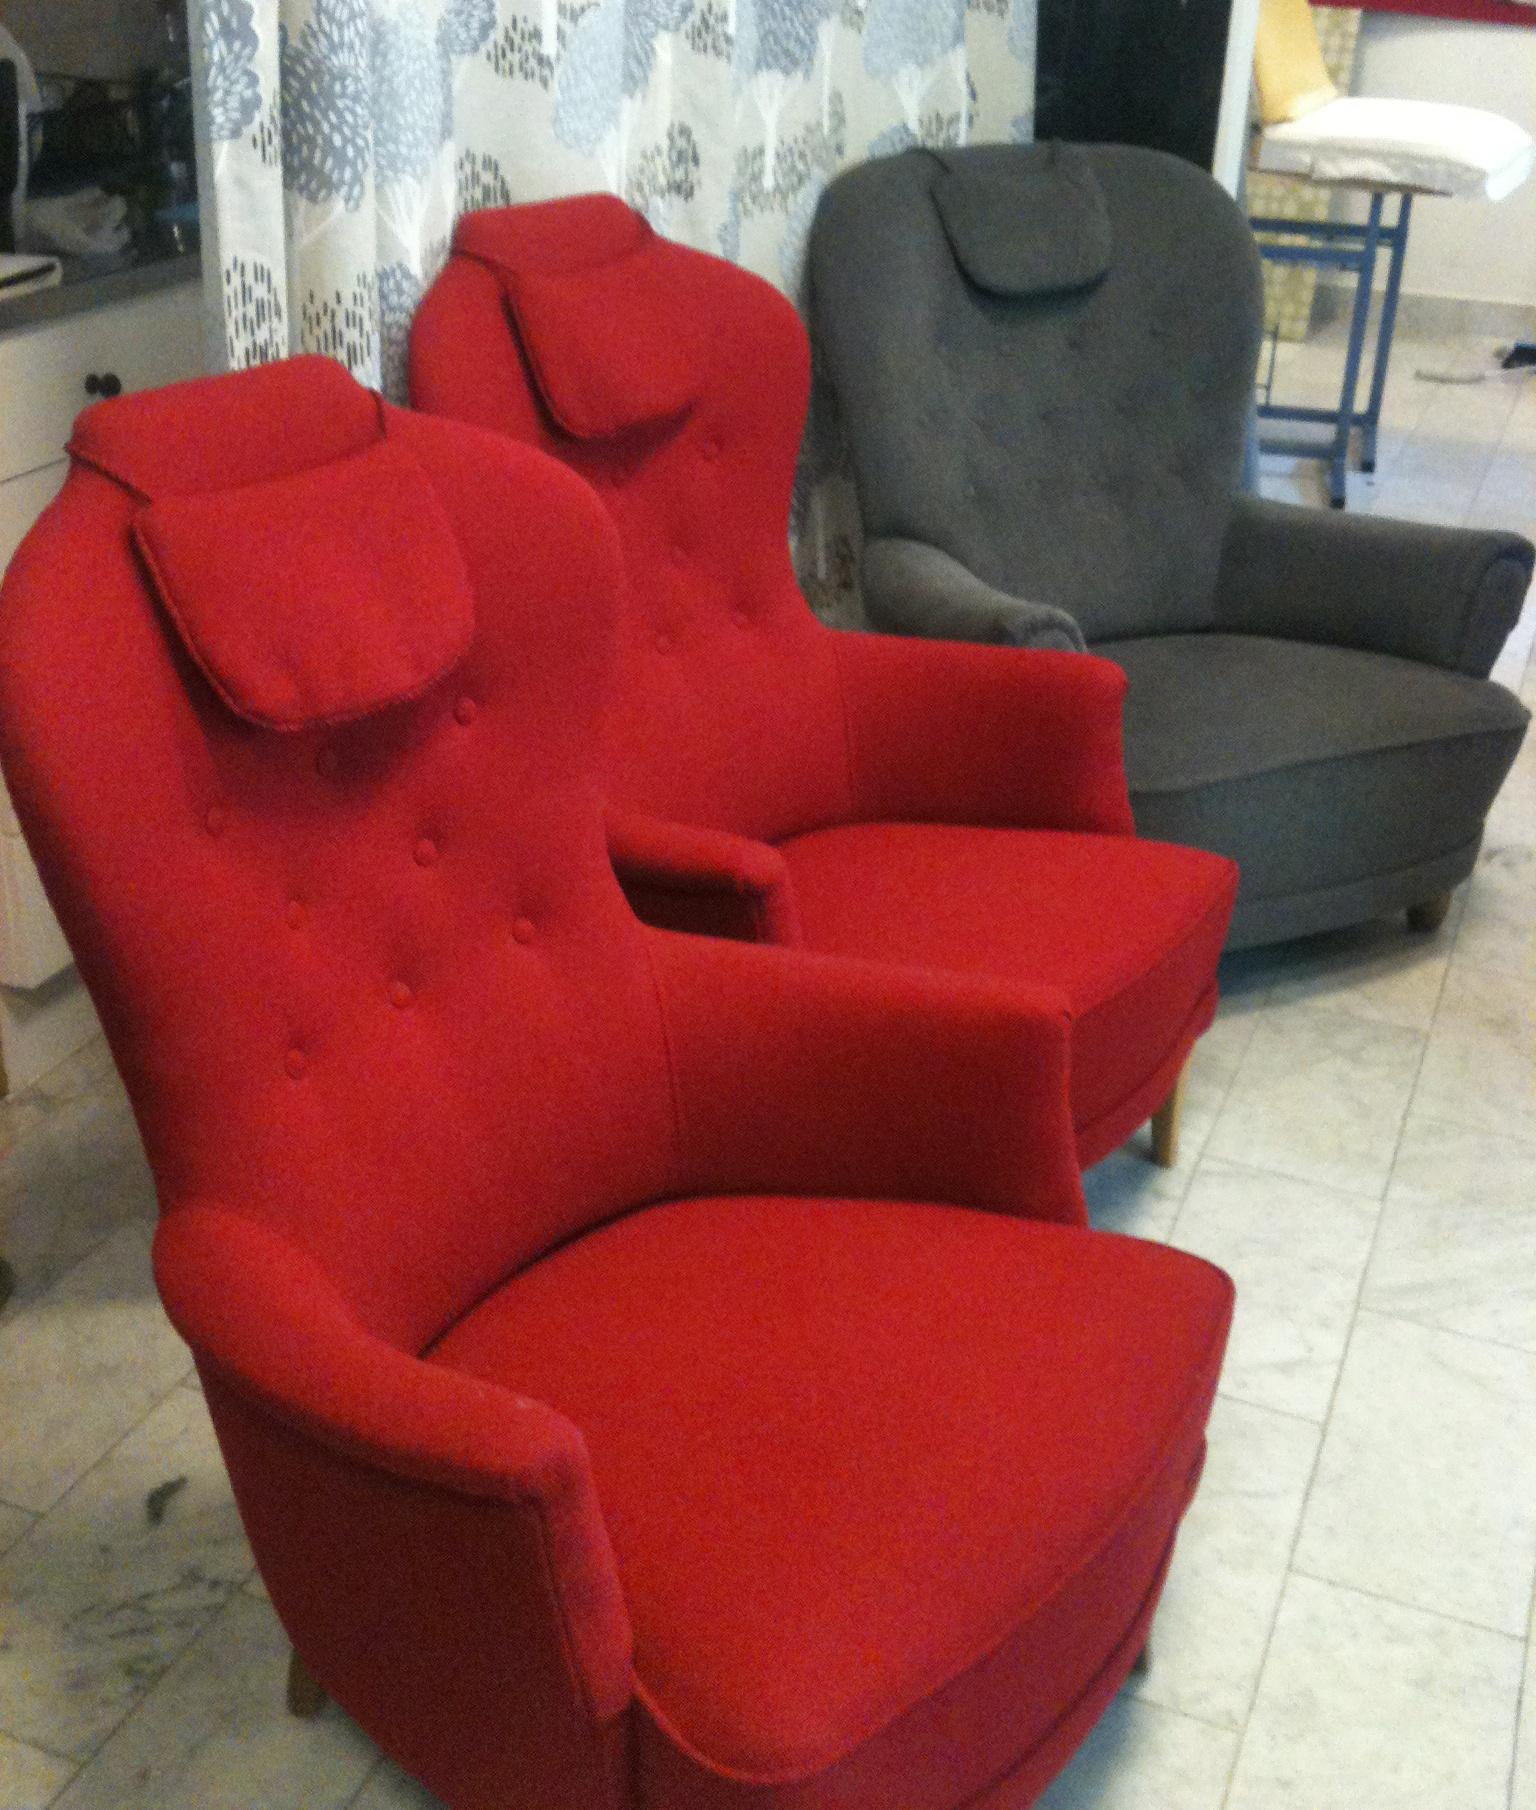 Malmstens möblerna Jättepaddan och Farmor omklädd av Tapetserare